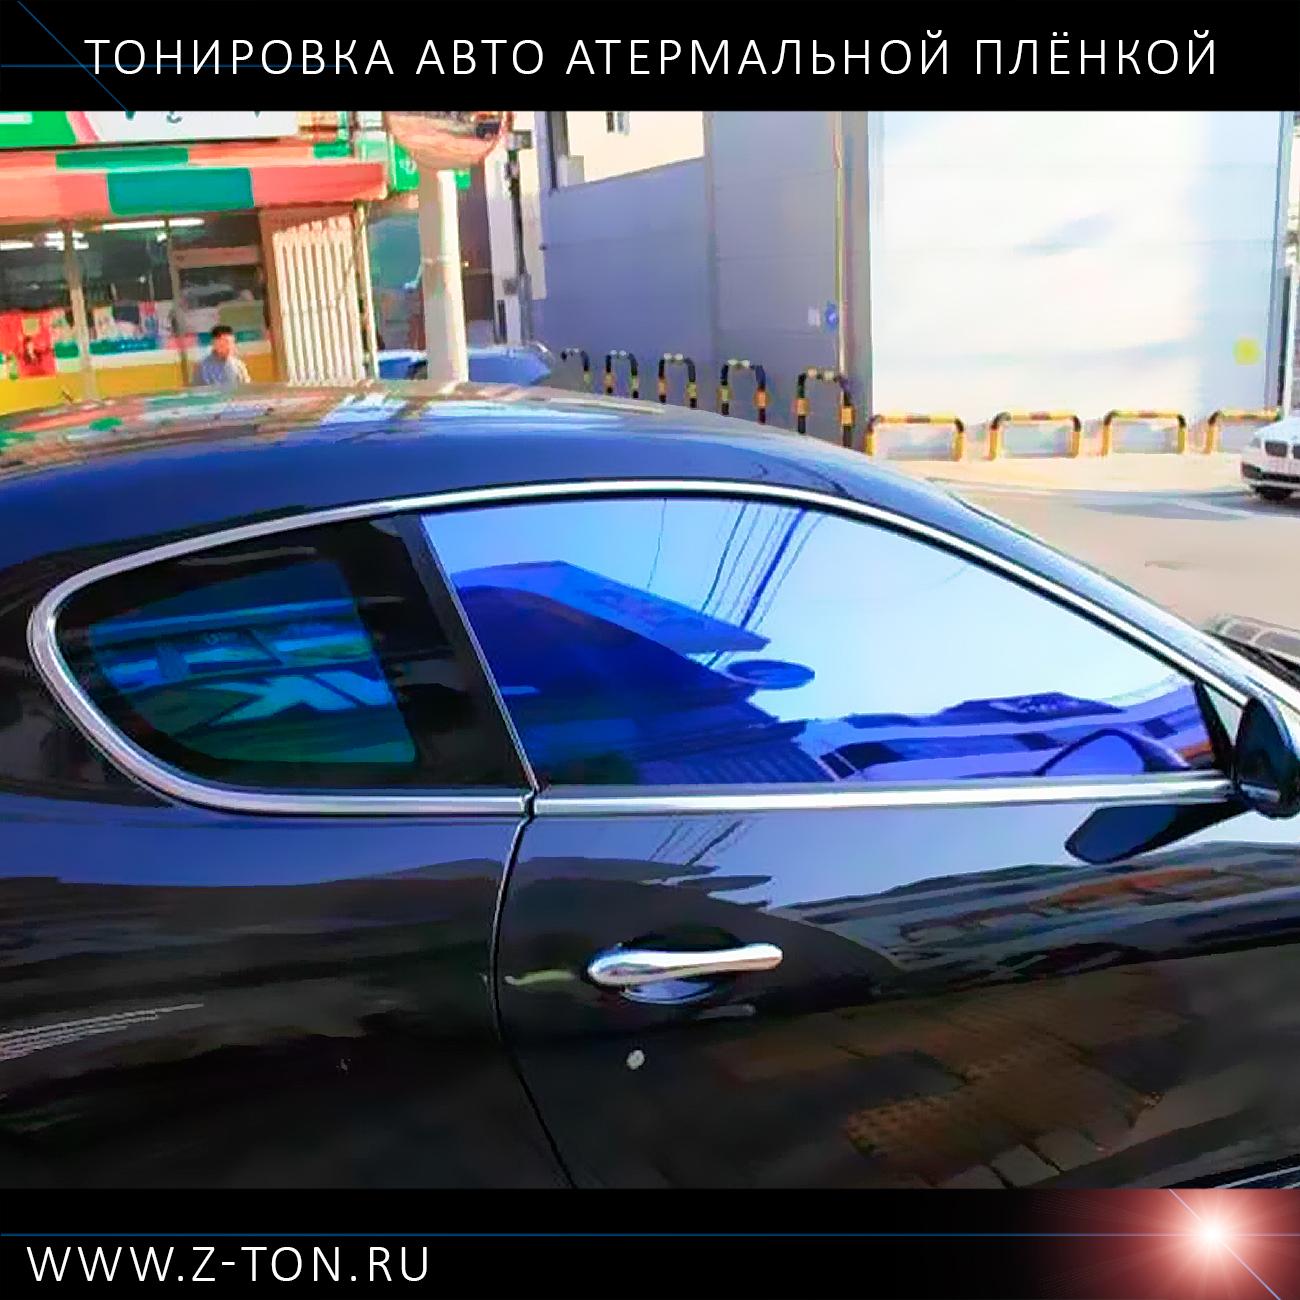 Атермальная тонировка автомобиля в Зеленограде